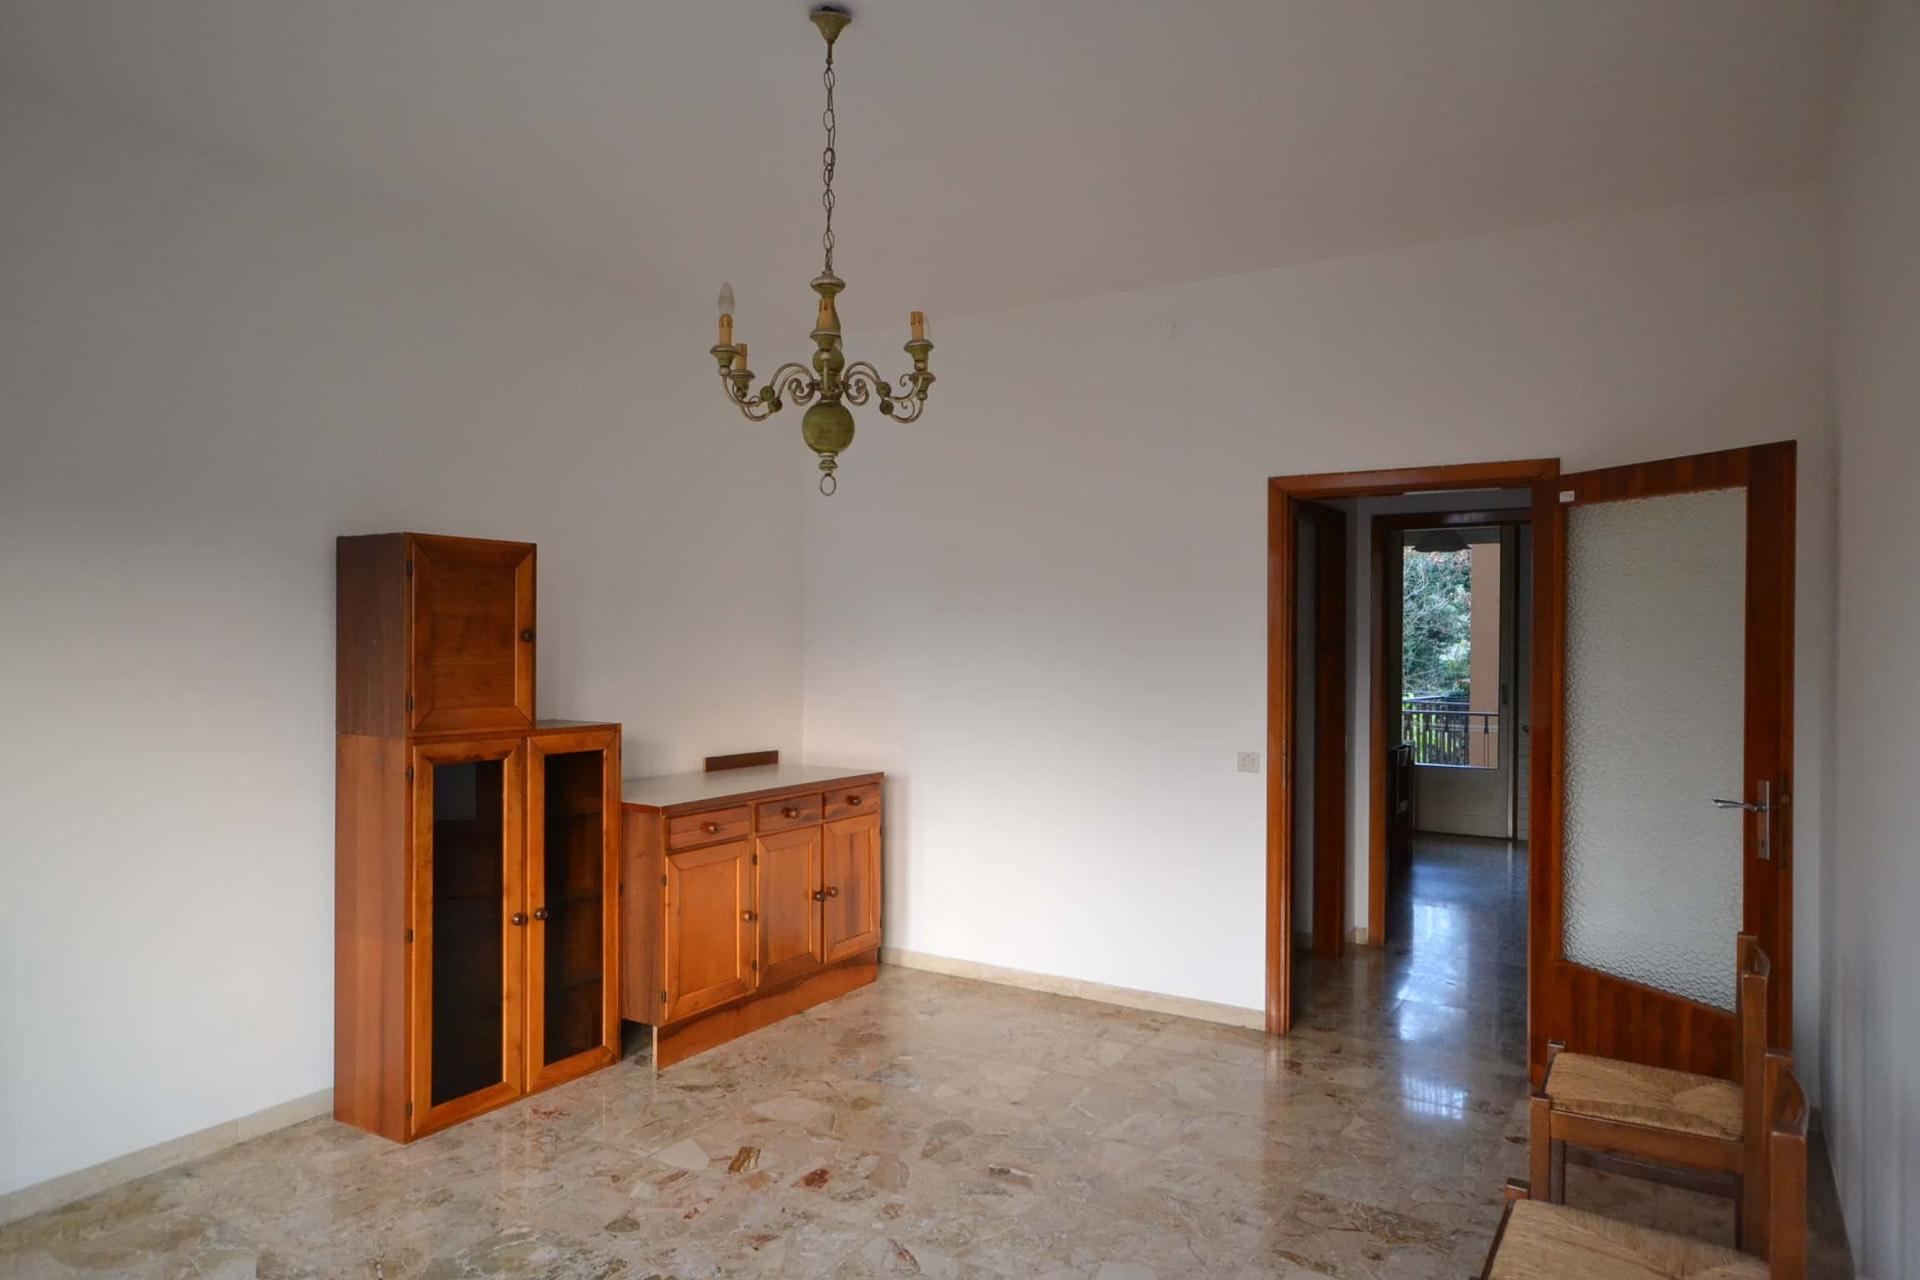 2 Camere in Vendita a Treviso - Cod. 2175